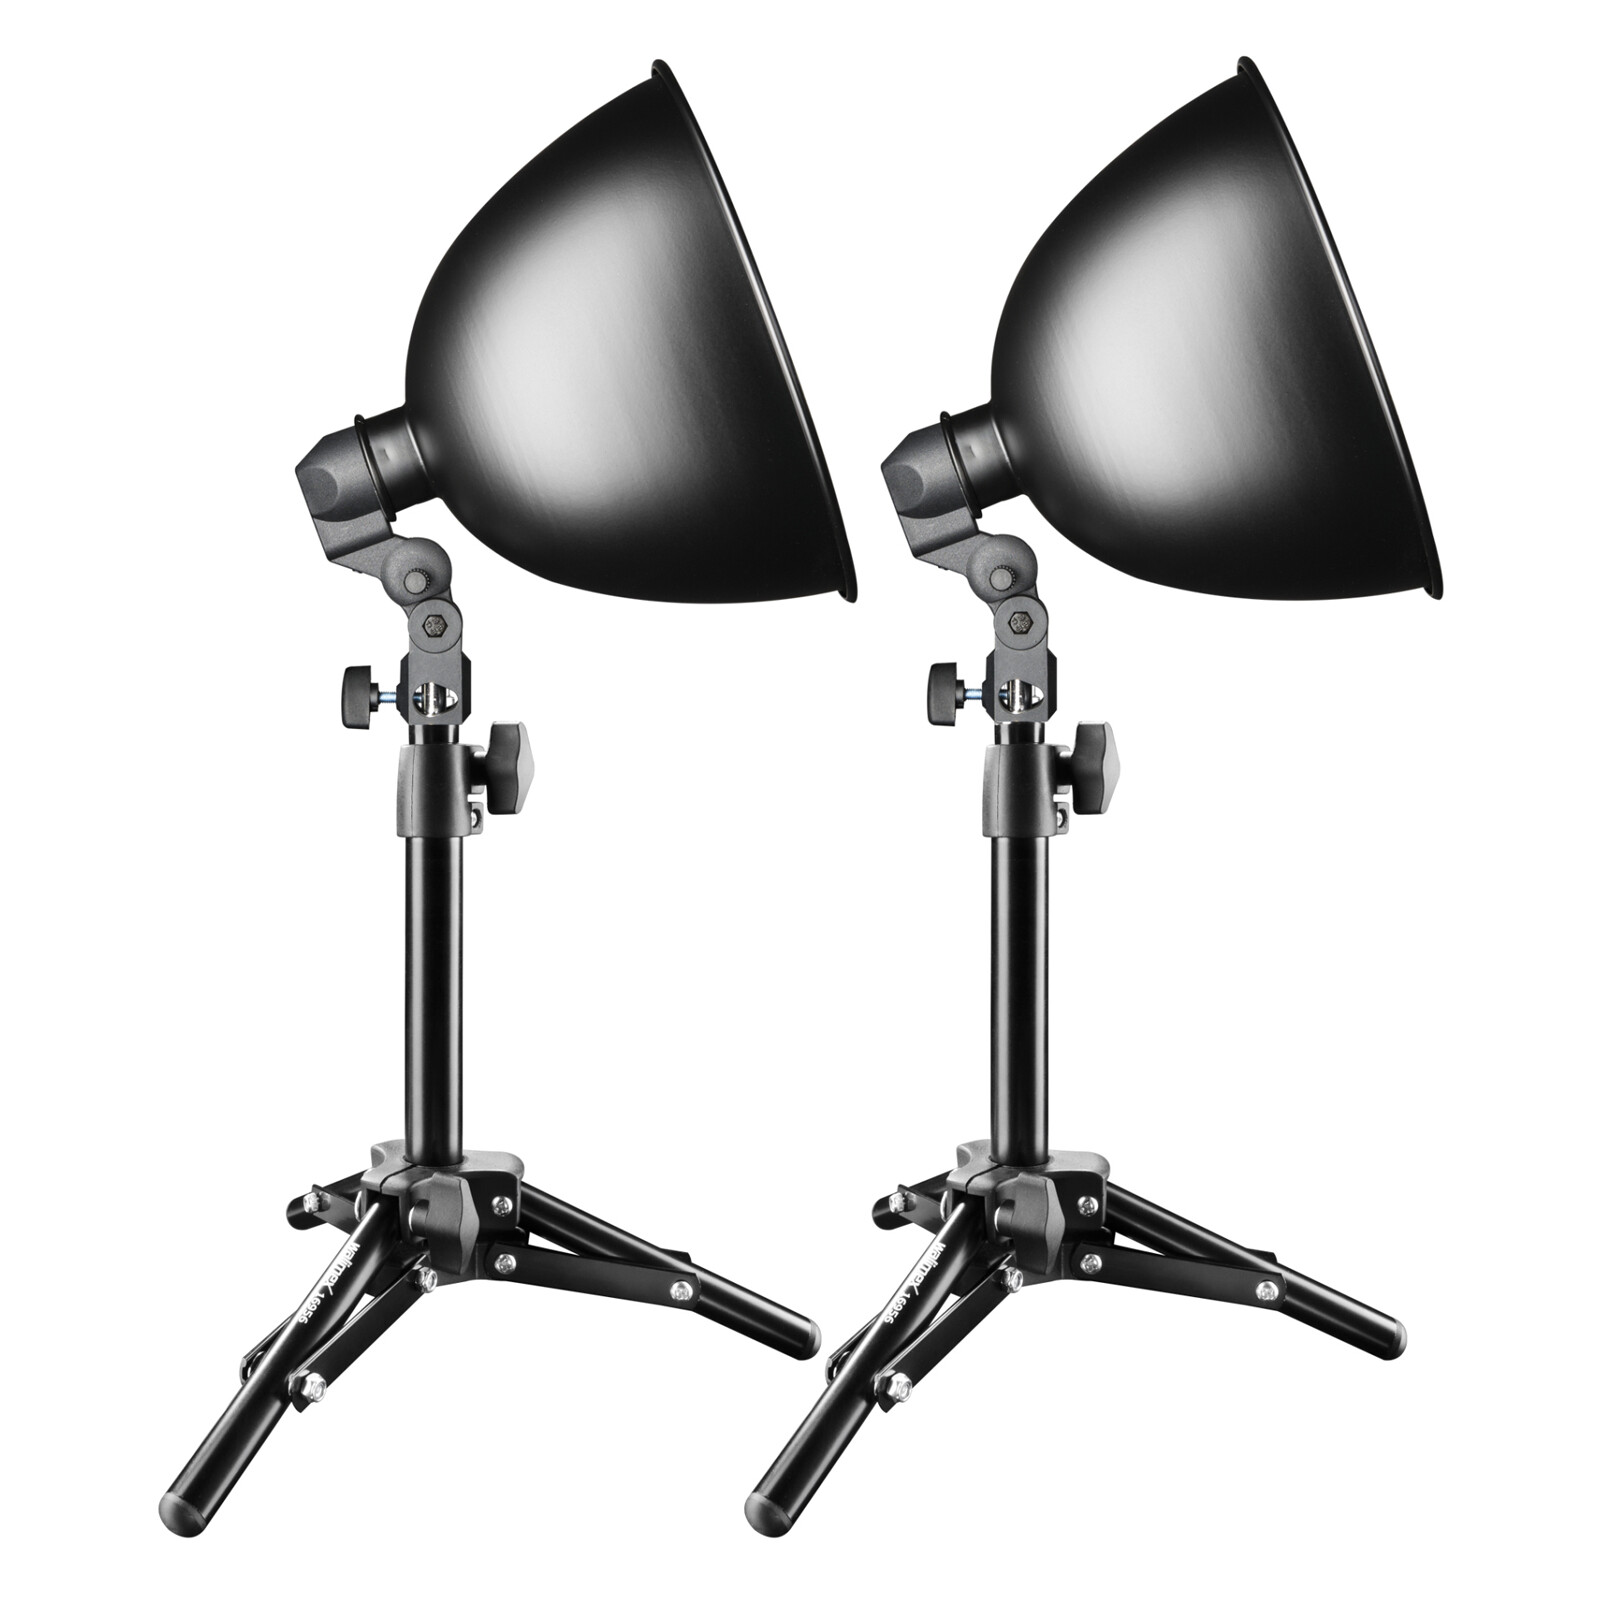 walimex Studioset Daylight 150/150 klein